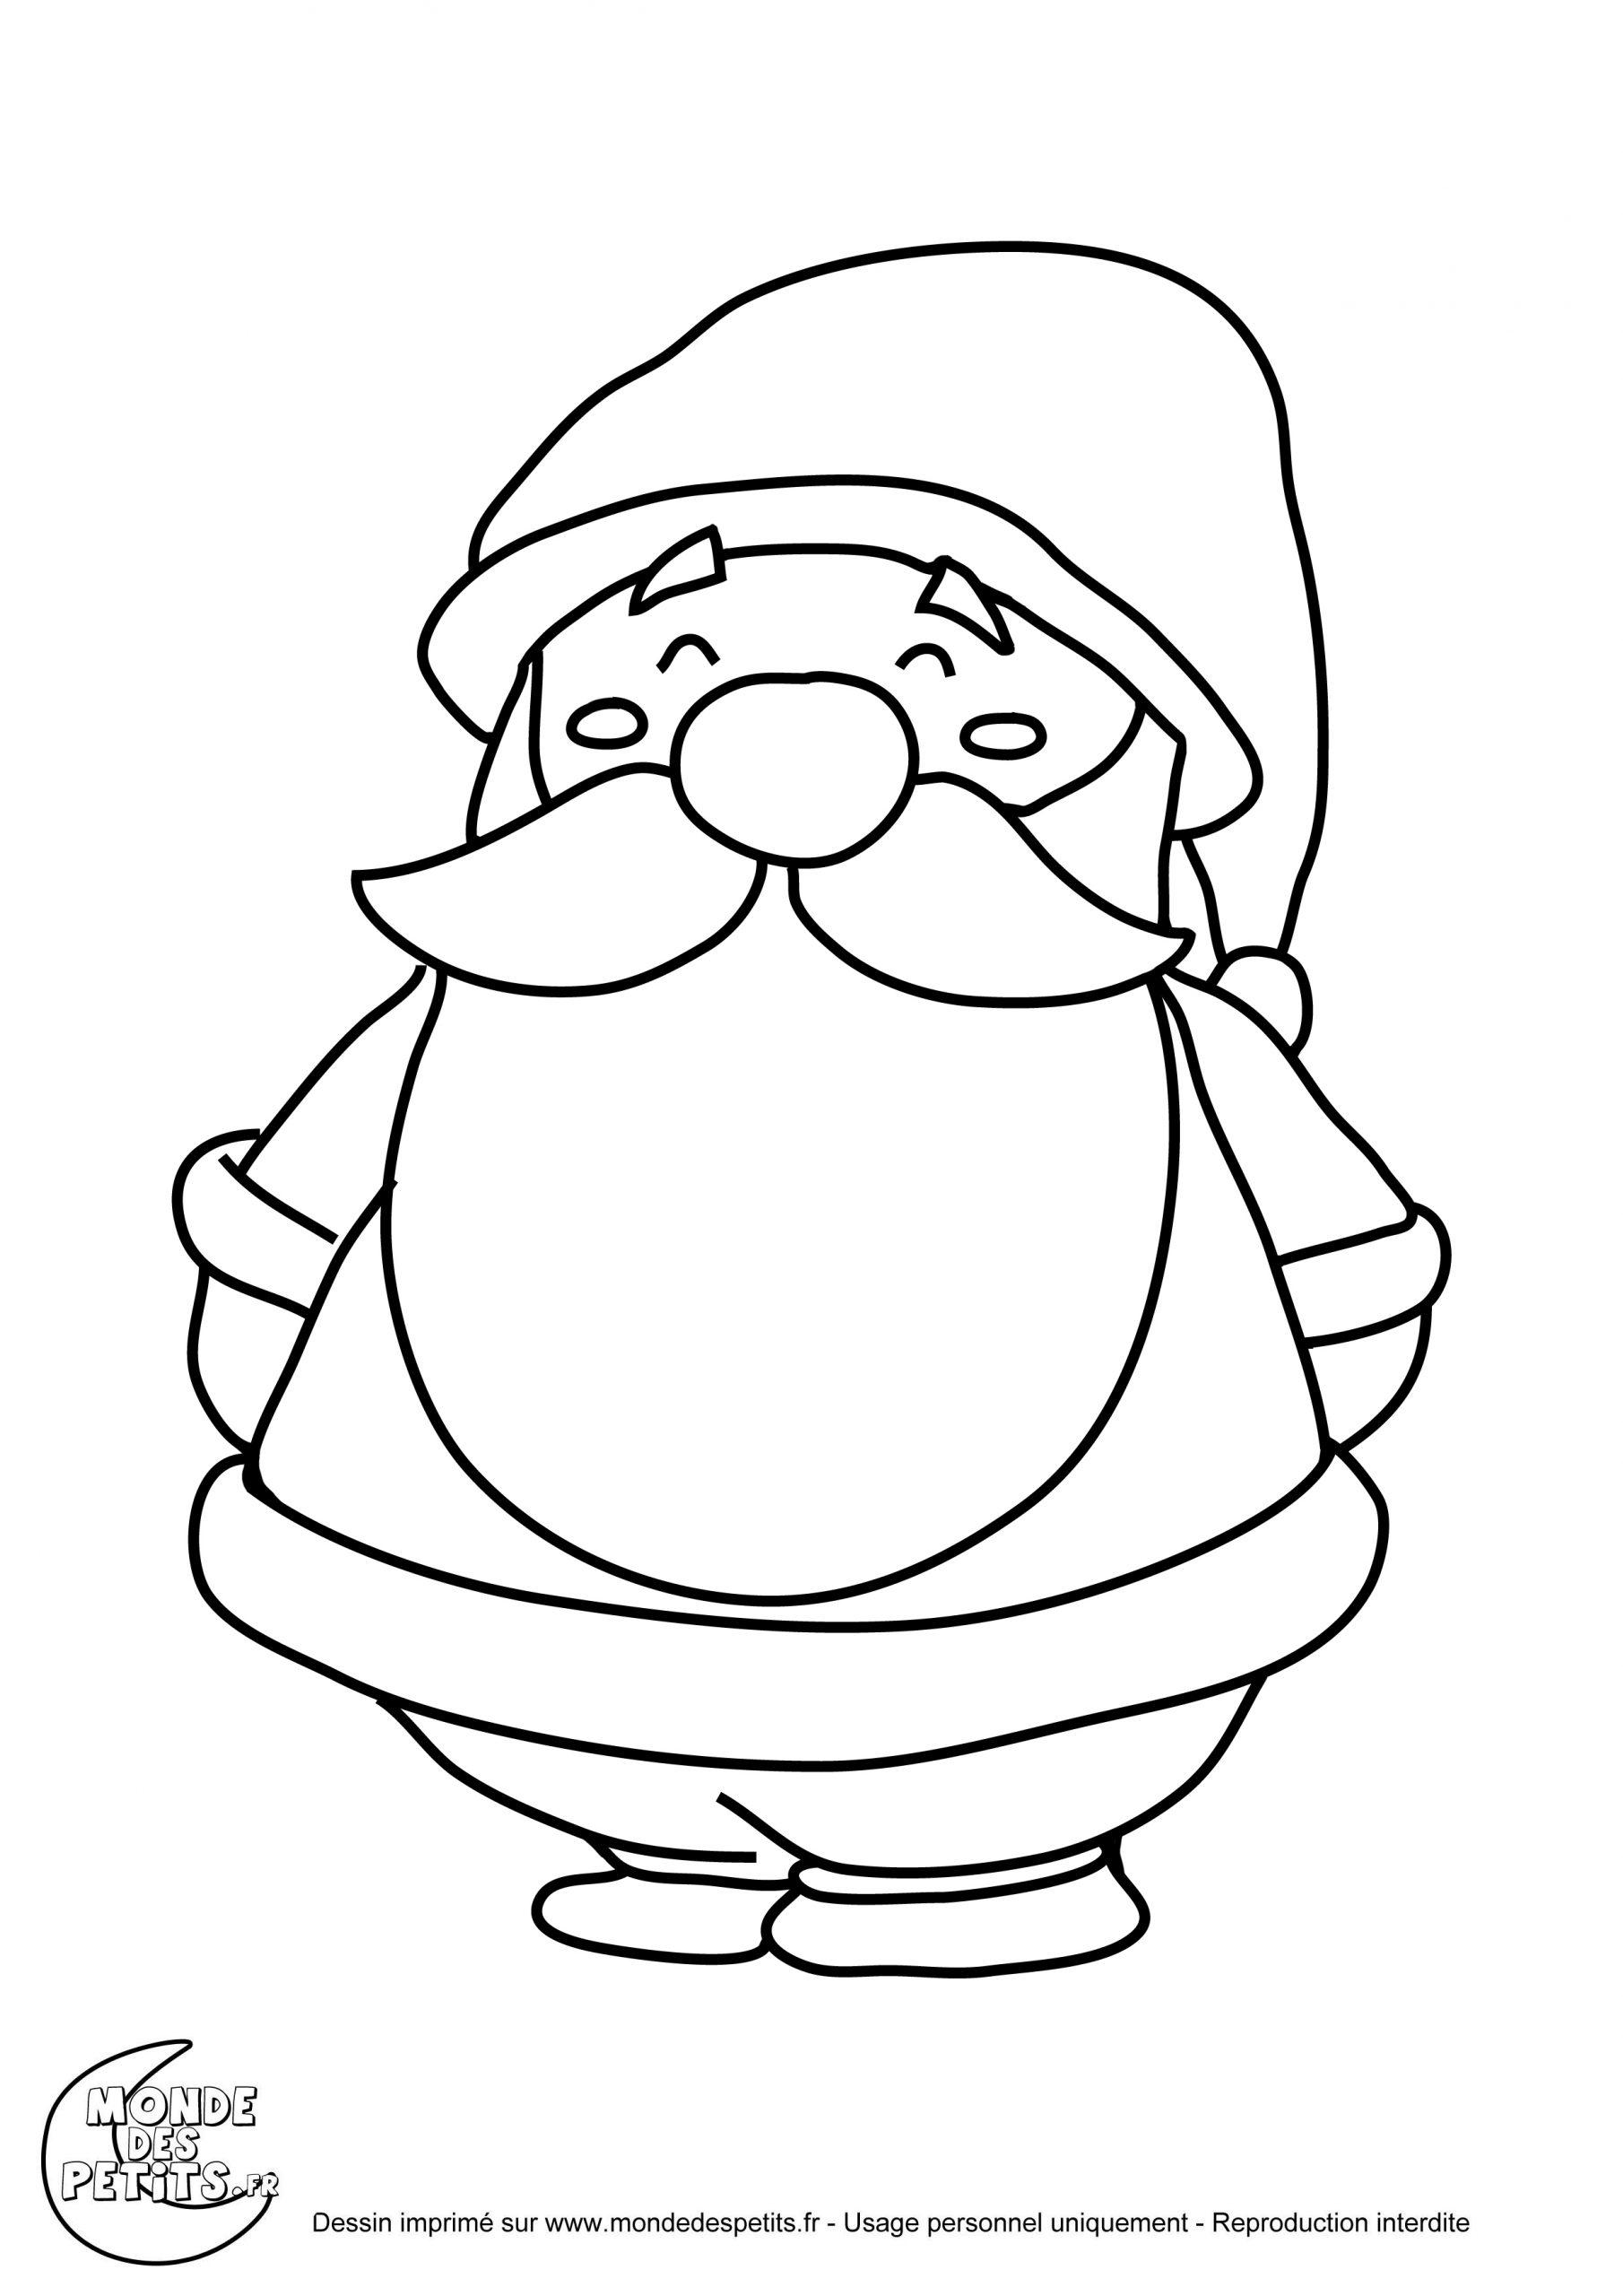 Monde Des Petits - Coloriages À Imprimer destiné Coloriage De Père Noel Gratuit A Imprimer